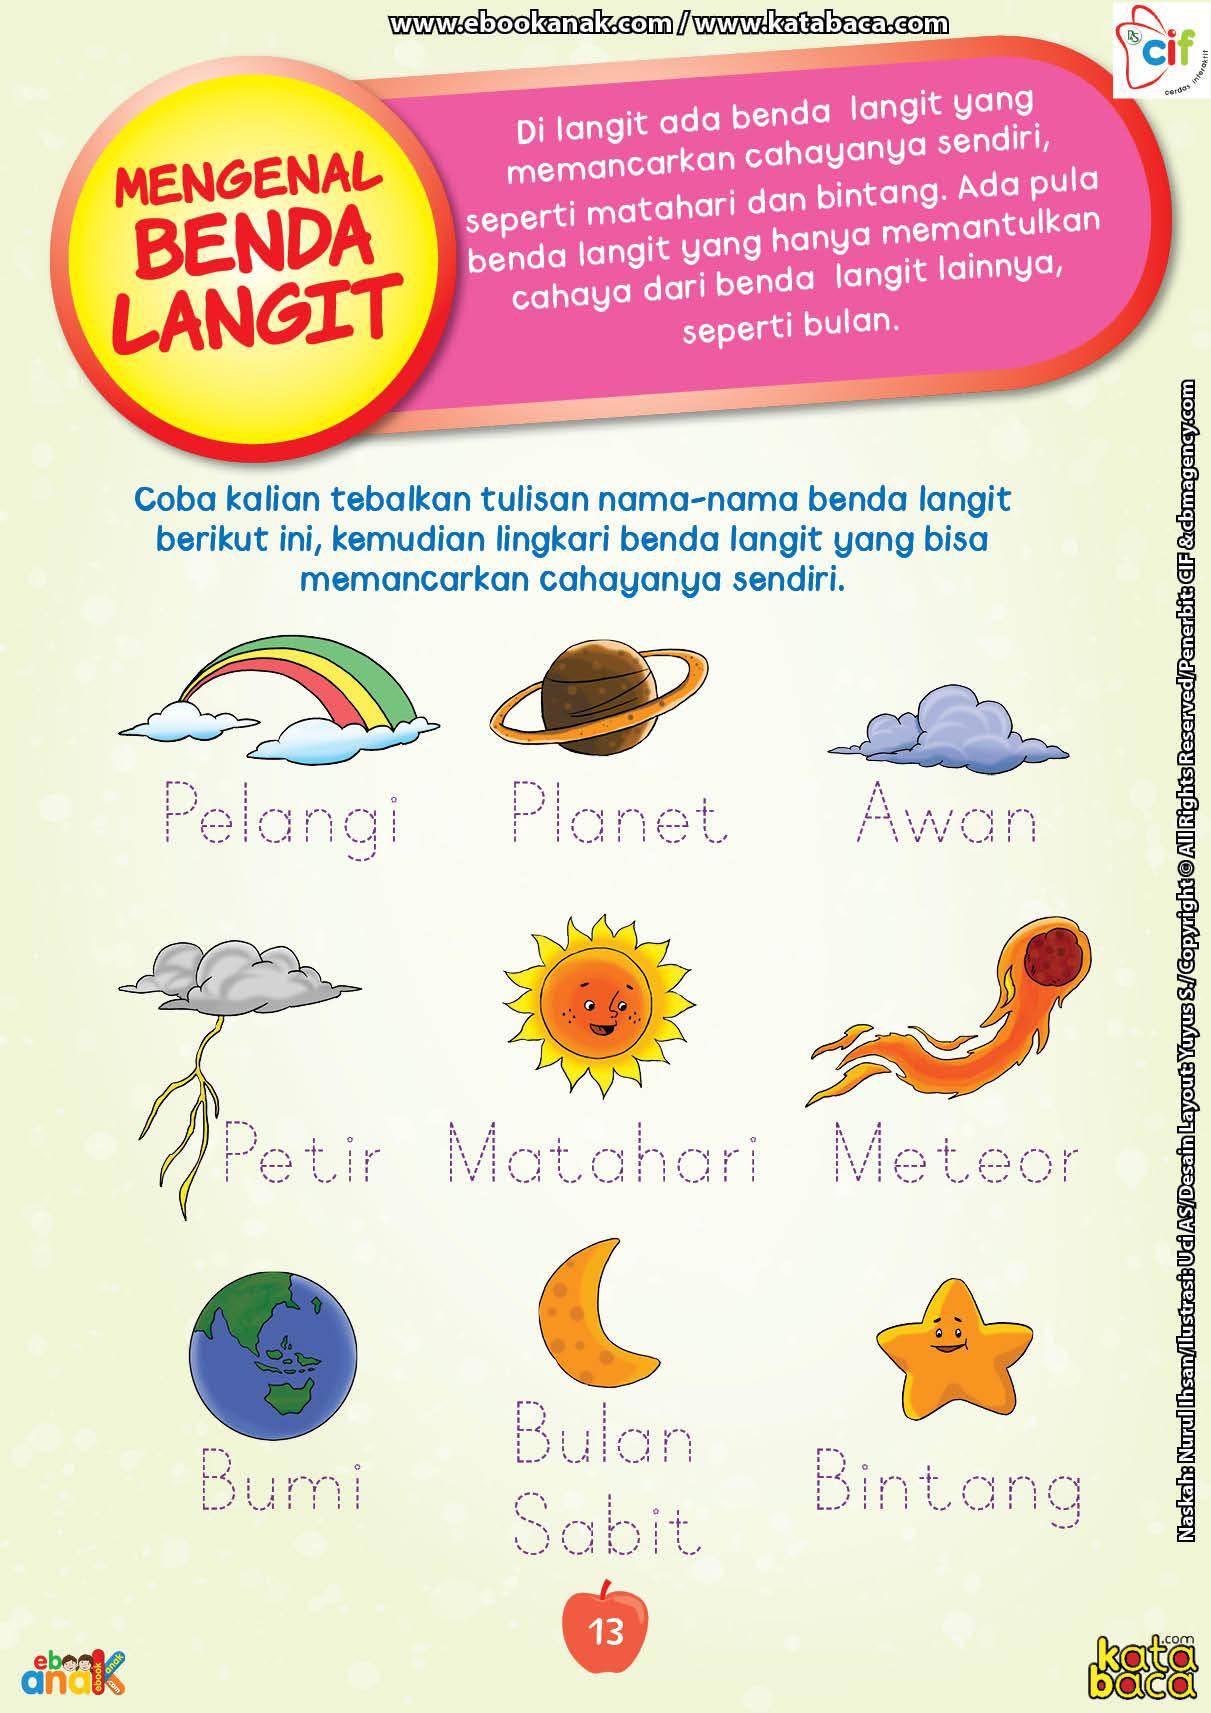 baca buku online brain games fun sains21 Mengenal Nama-Nama Benda Langit